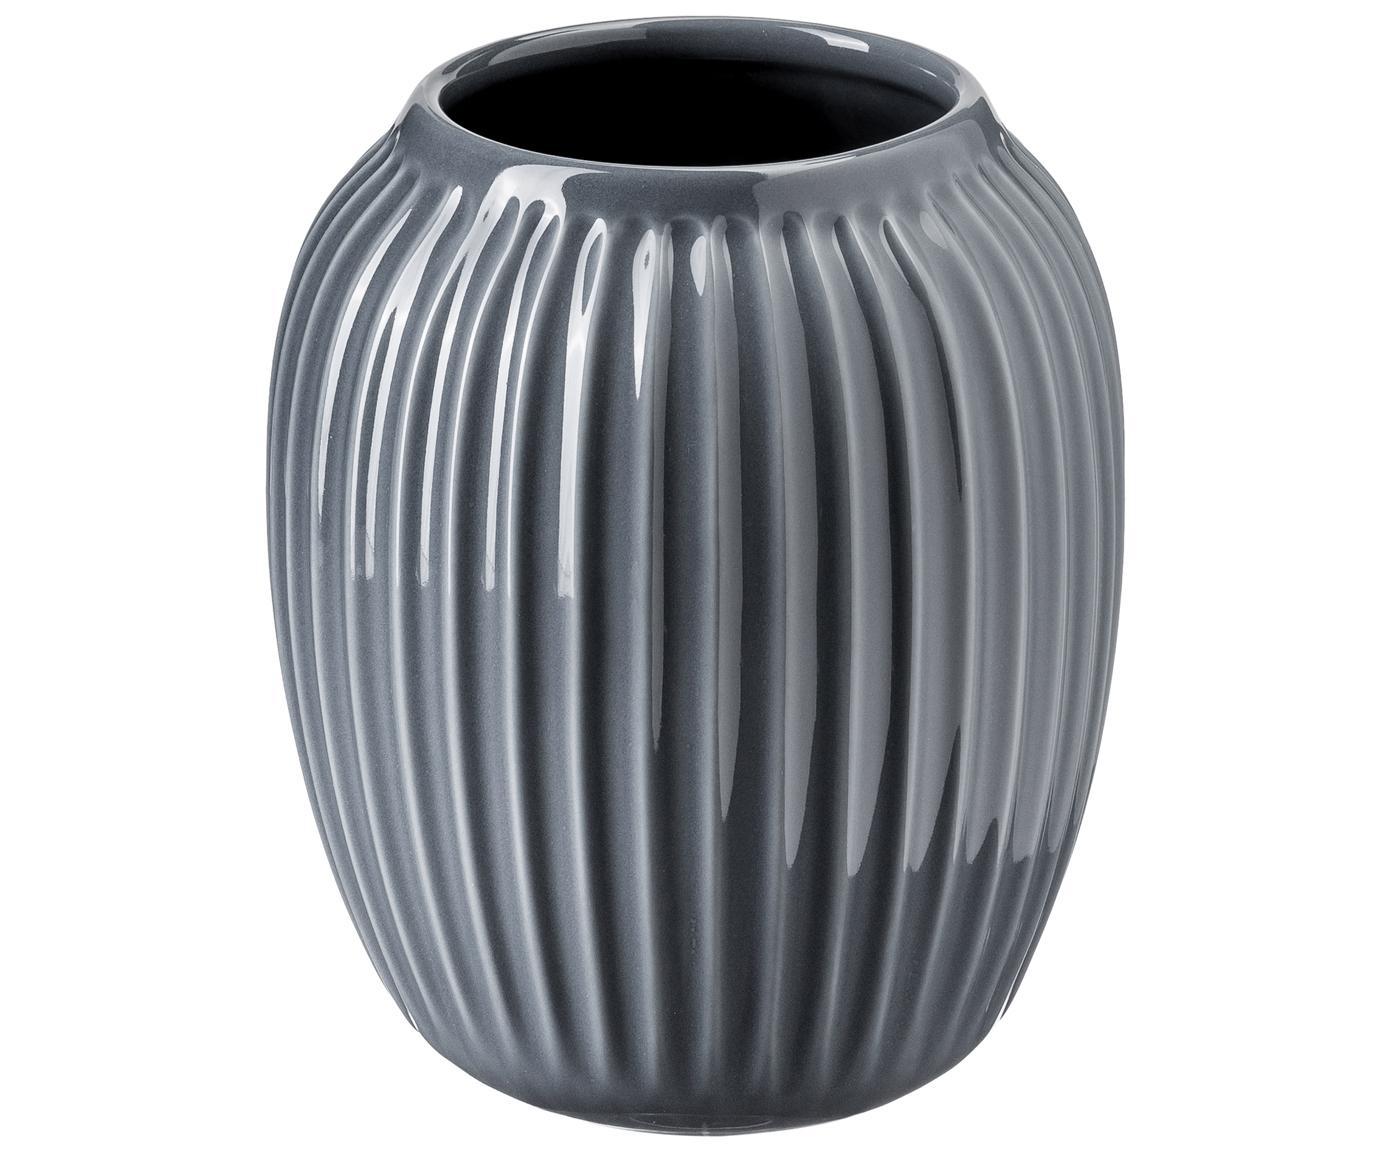 Ręcznie wykonany wazon Hammershøi, Porcelana, Antracytowy, Ø 17 x W 20 cm